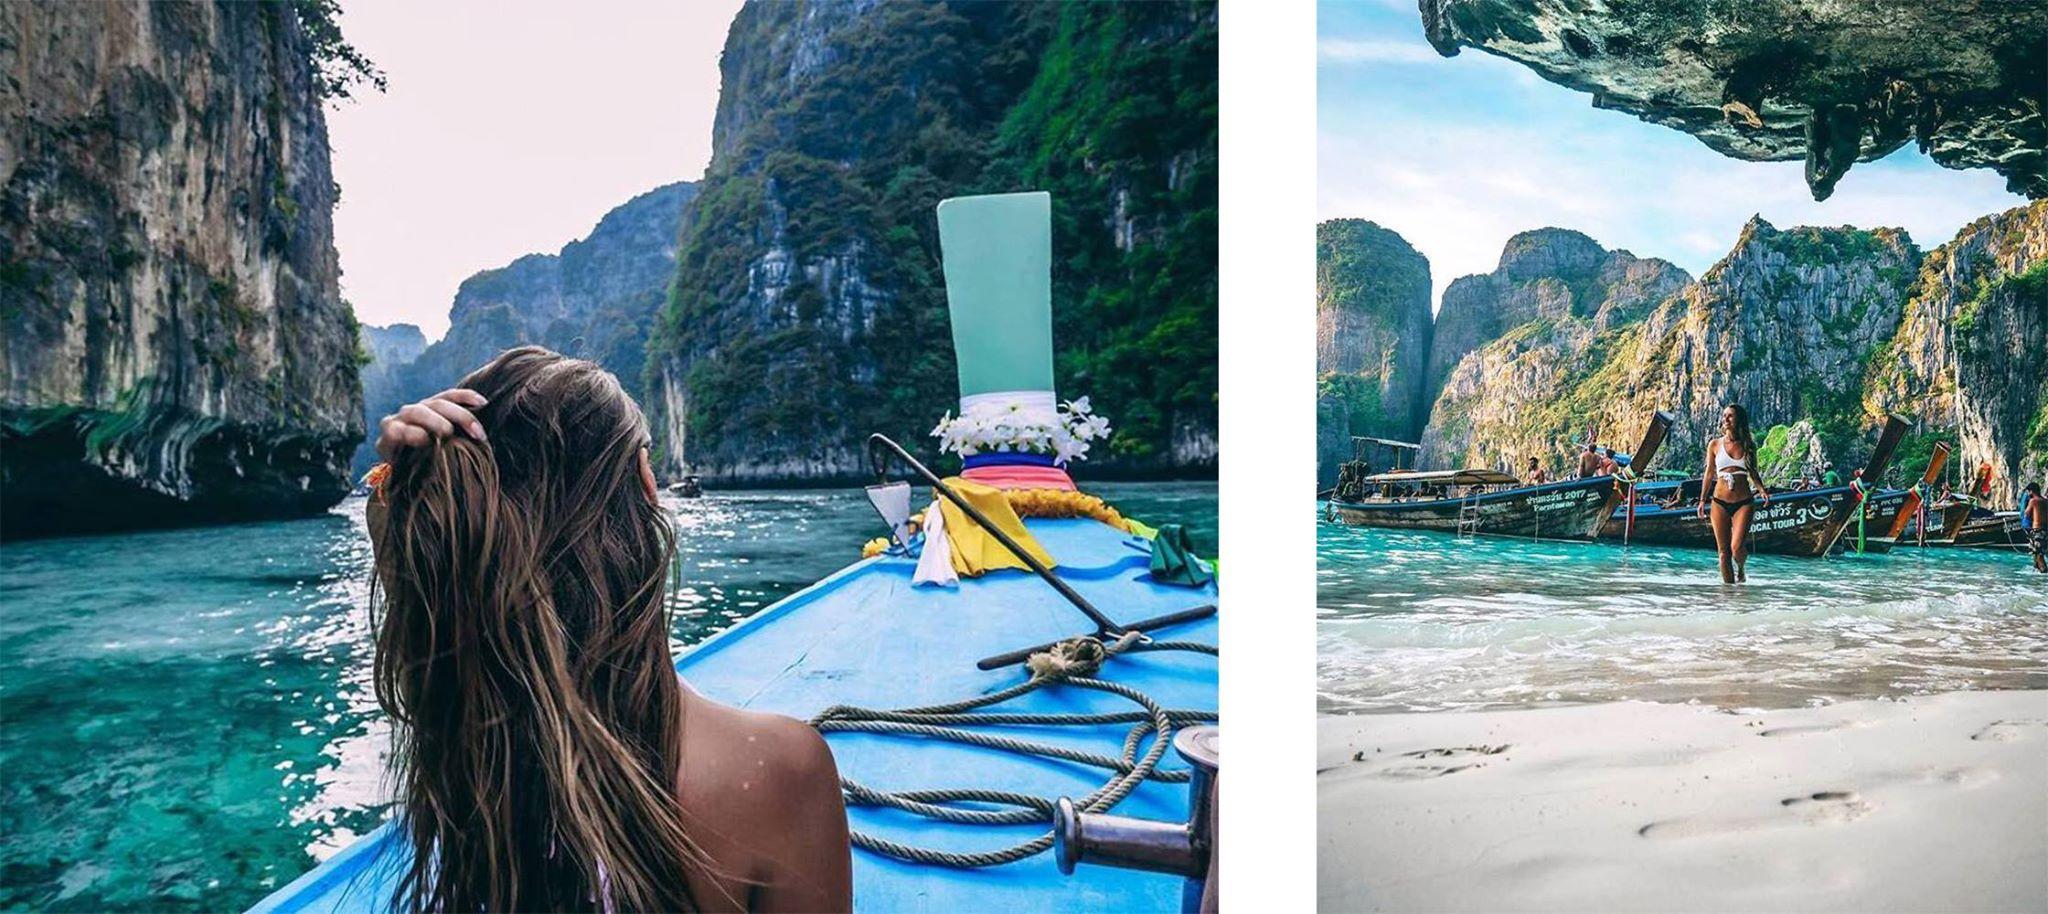 maya bay by long-tail boat